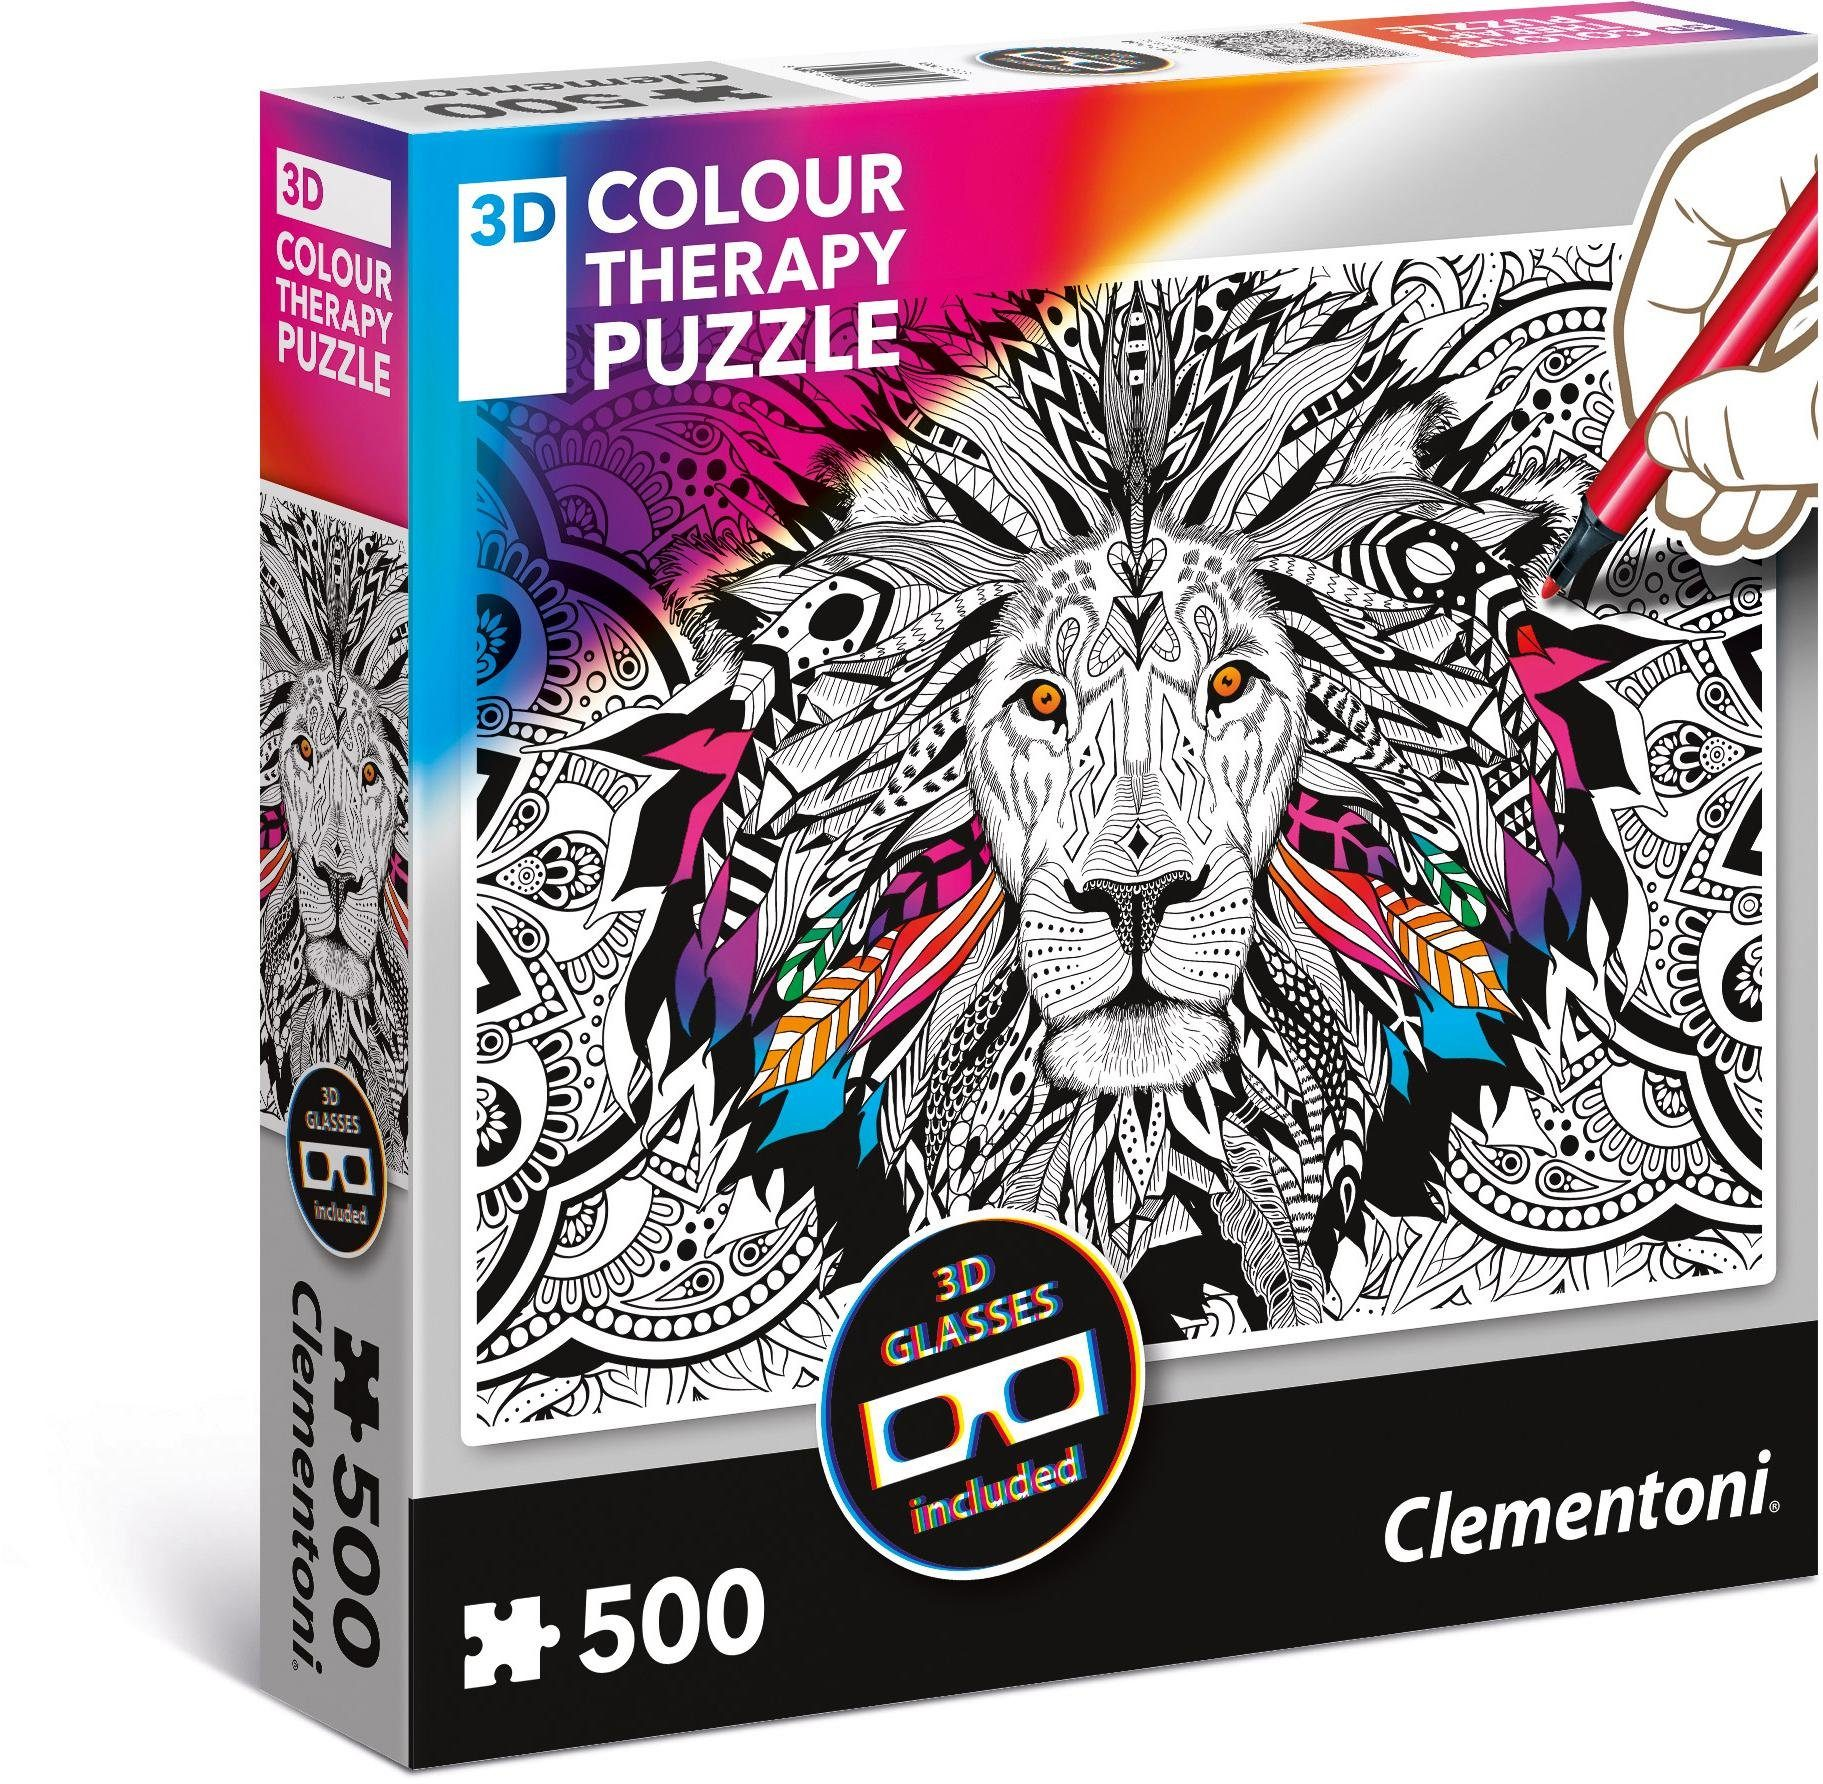 Clementoni Puzzle mit 3D Effekt, 500 Teile, »Colour Therapy: Löwe«